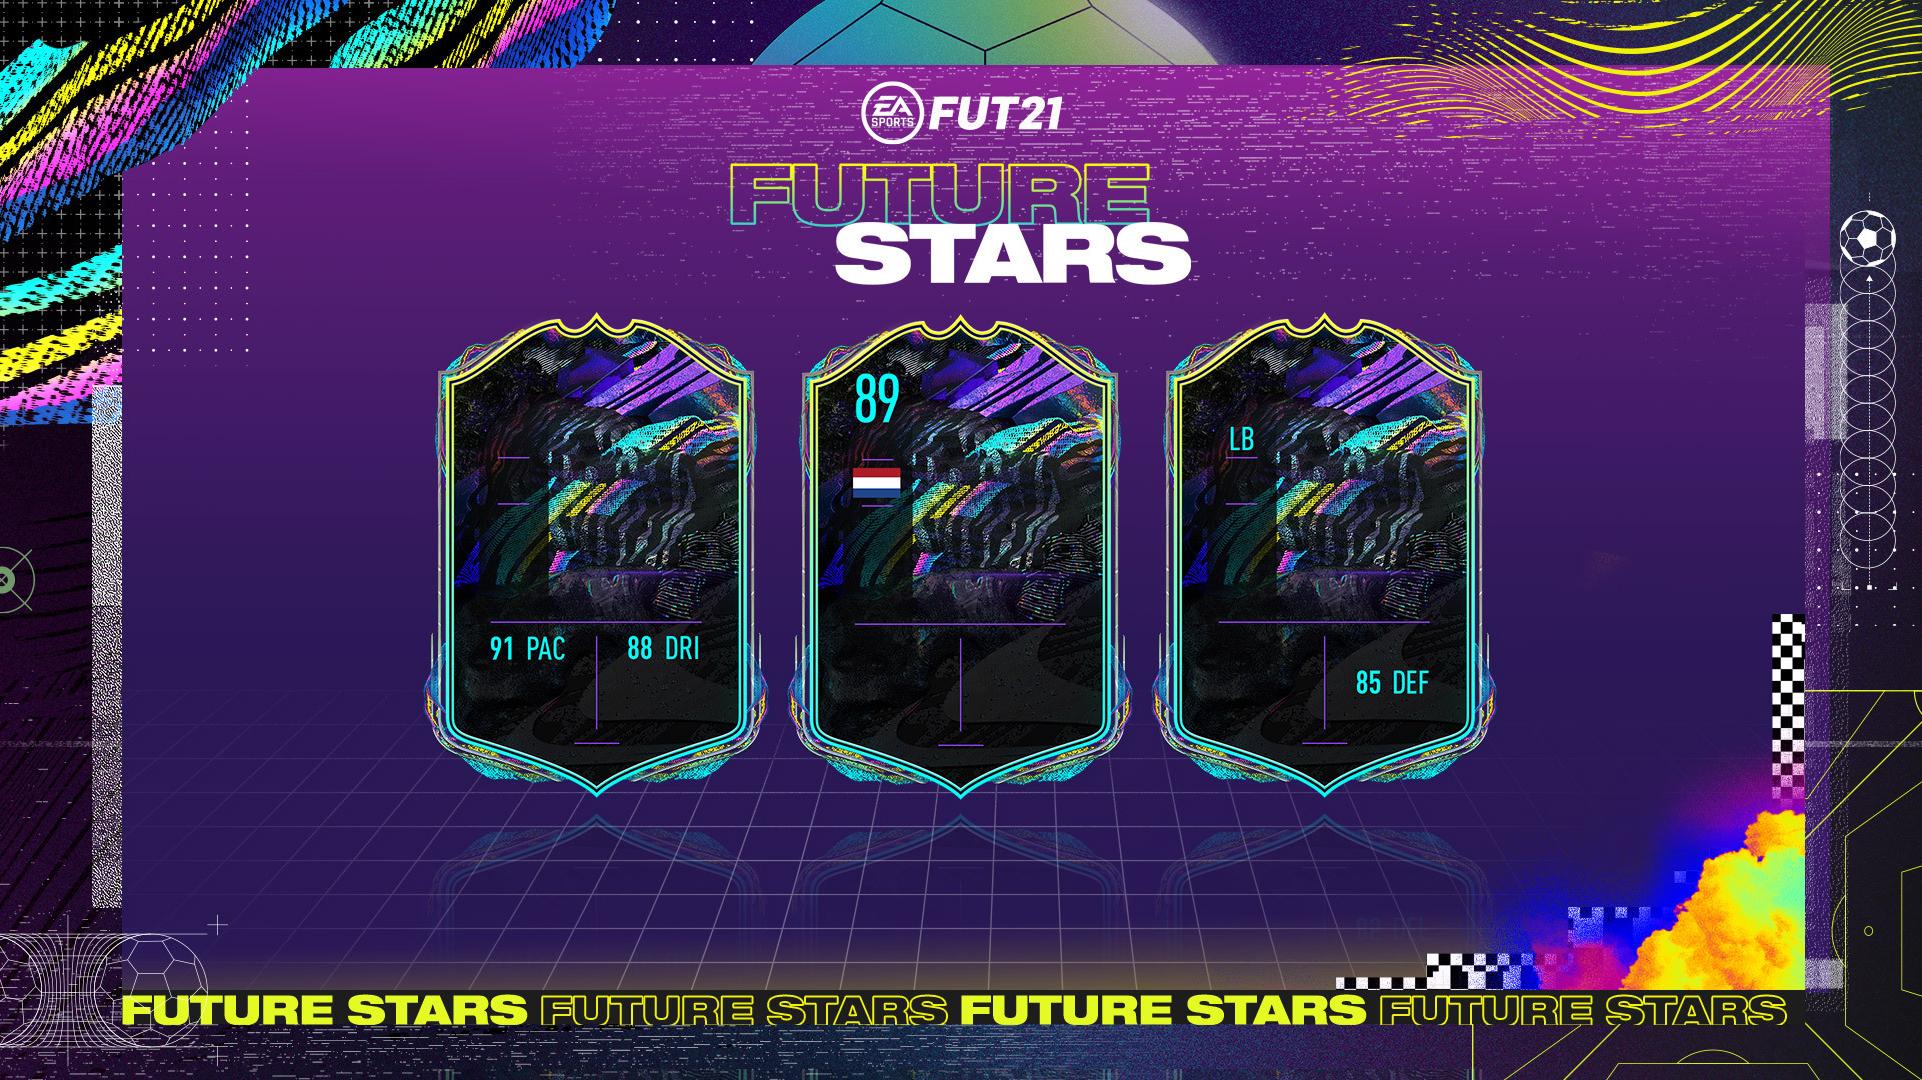 Future Stars sur FIFA 21 : le guide